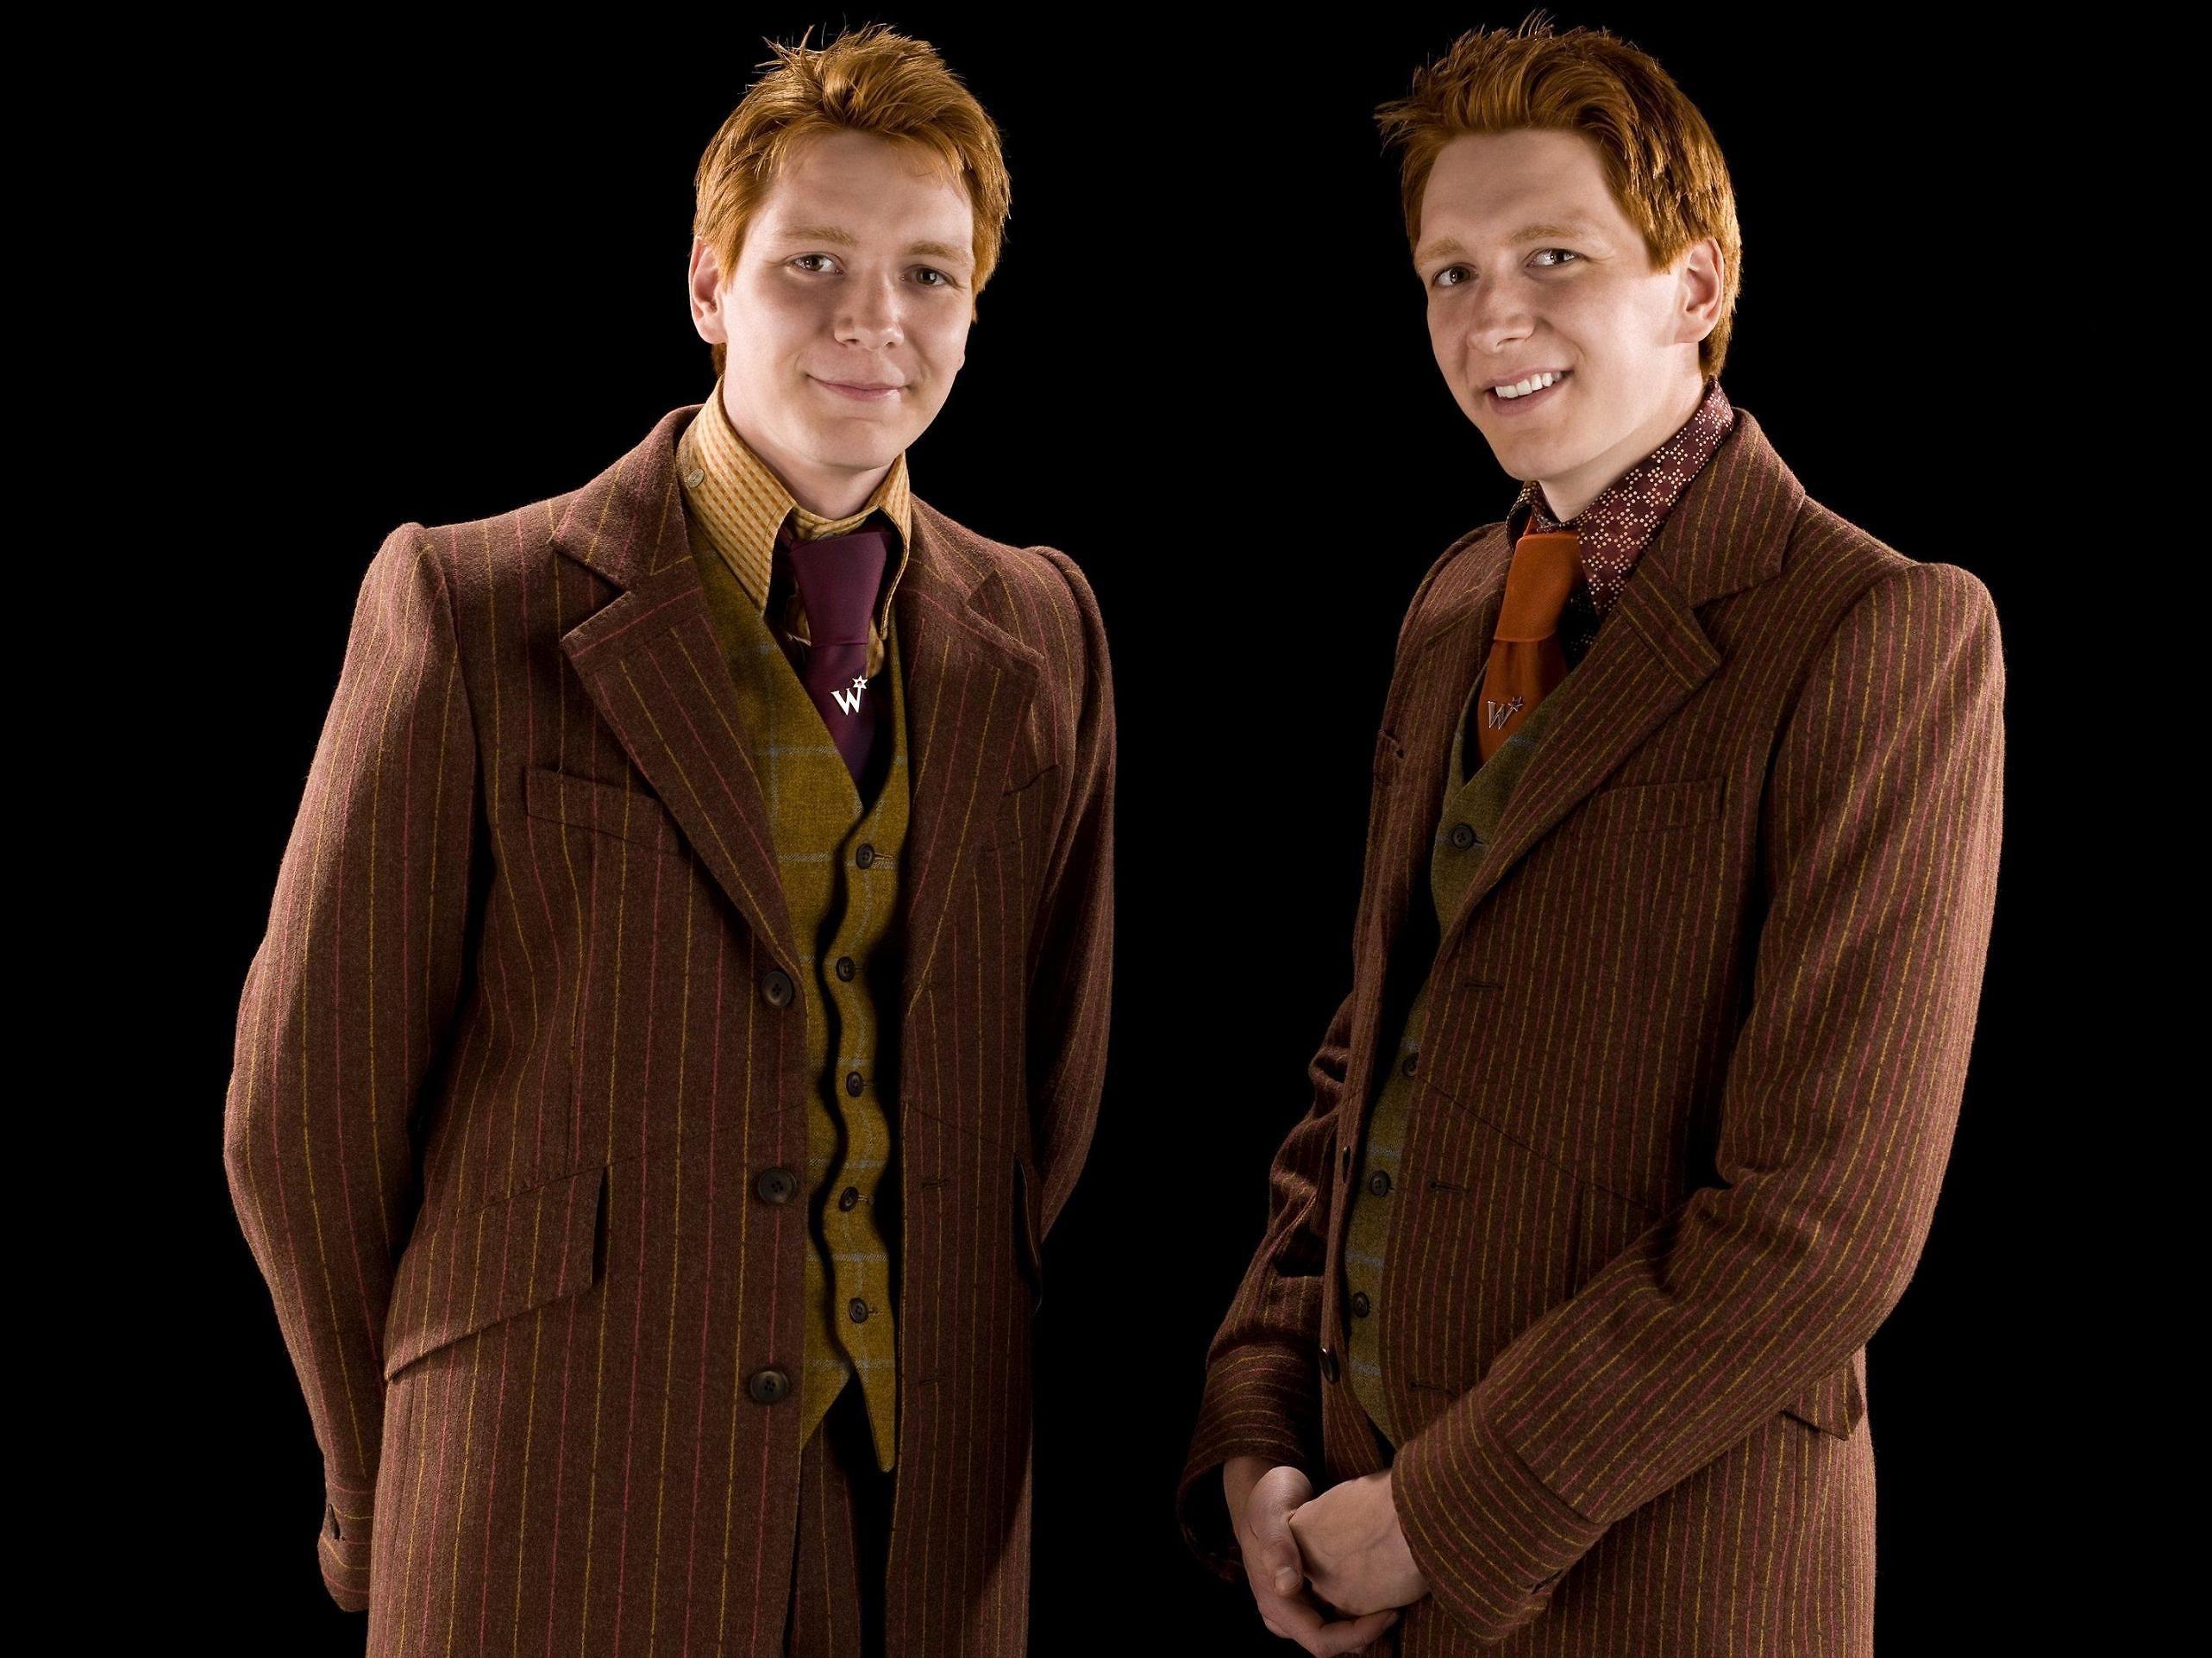 была длинном близнецы уизли актеры фото снова открываете